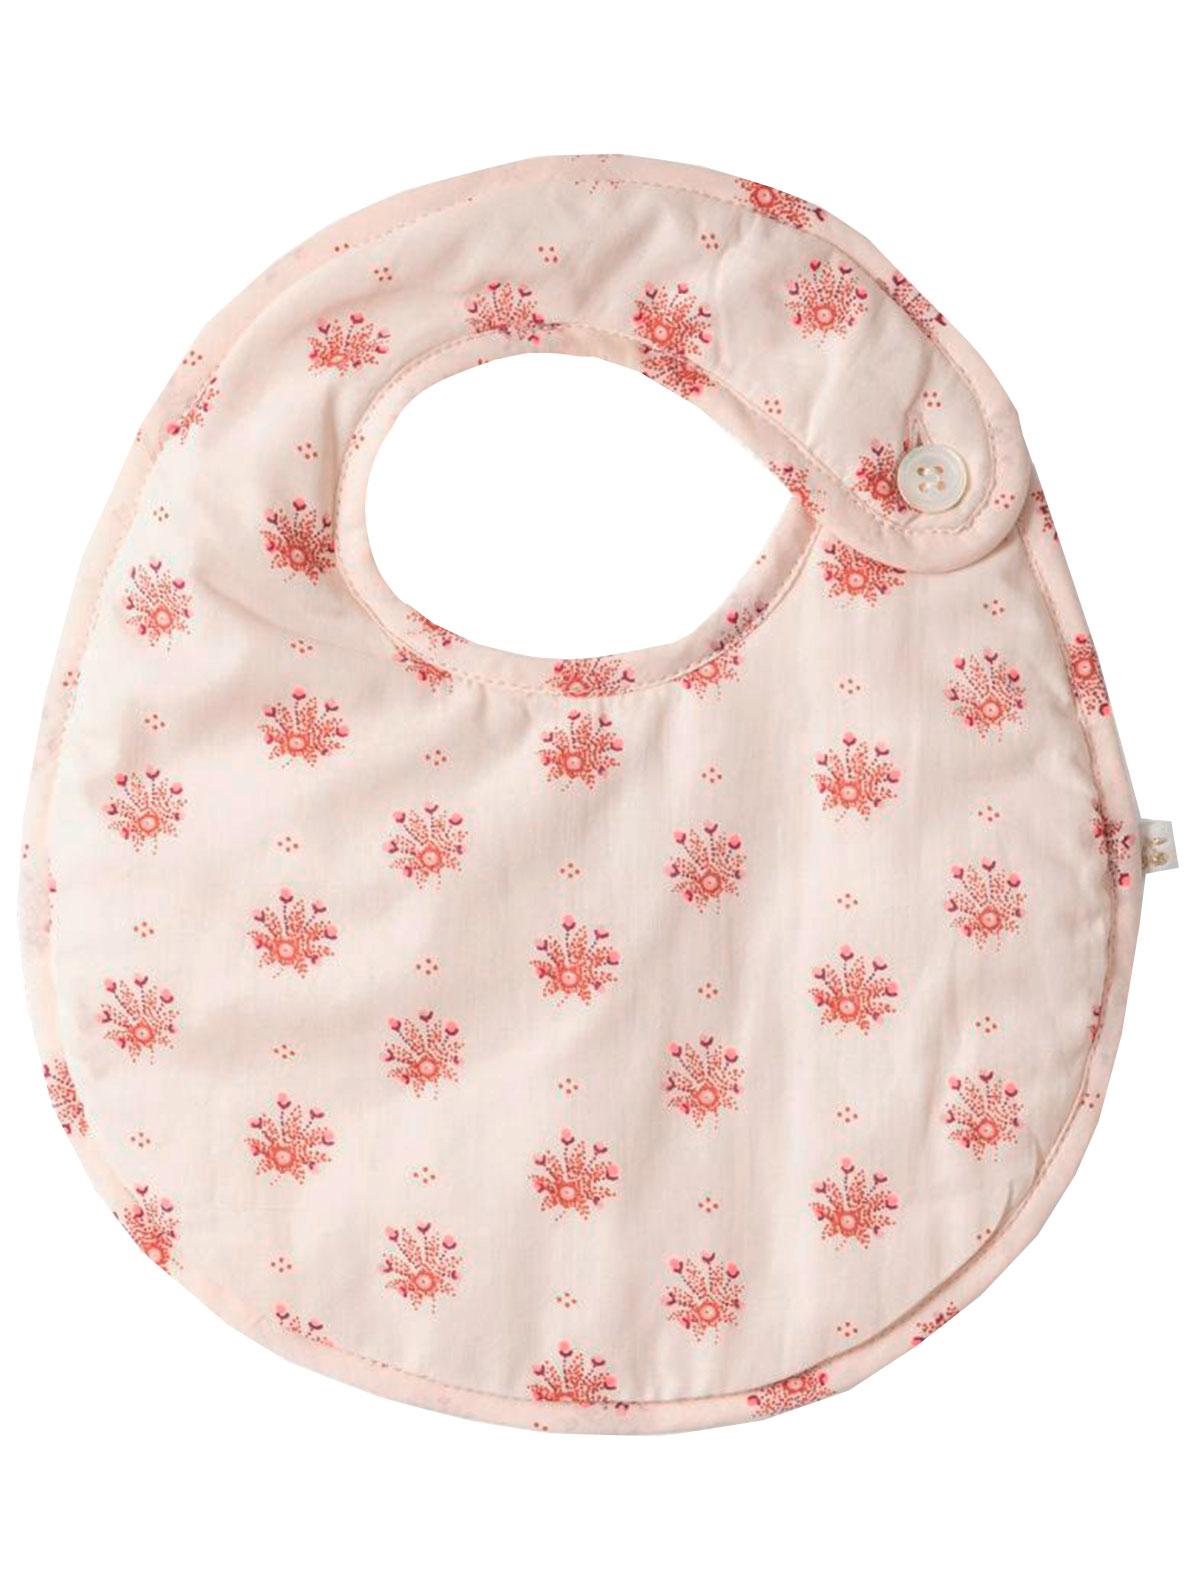 Слюнявчик Bonpoint 2306980 розового цвета